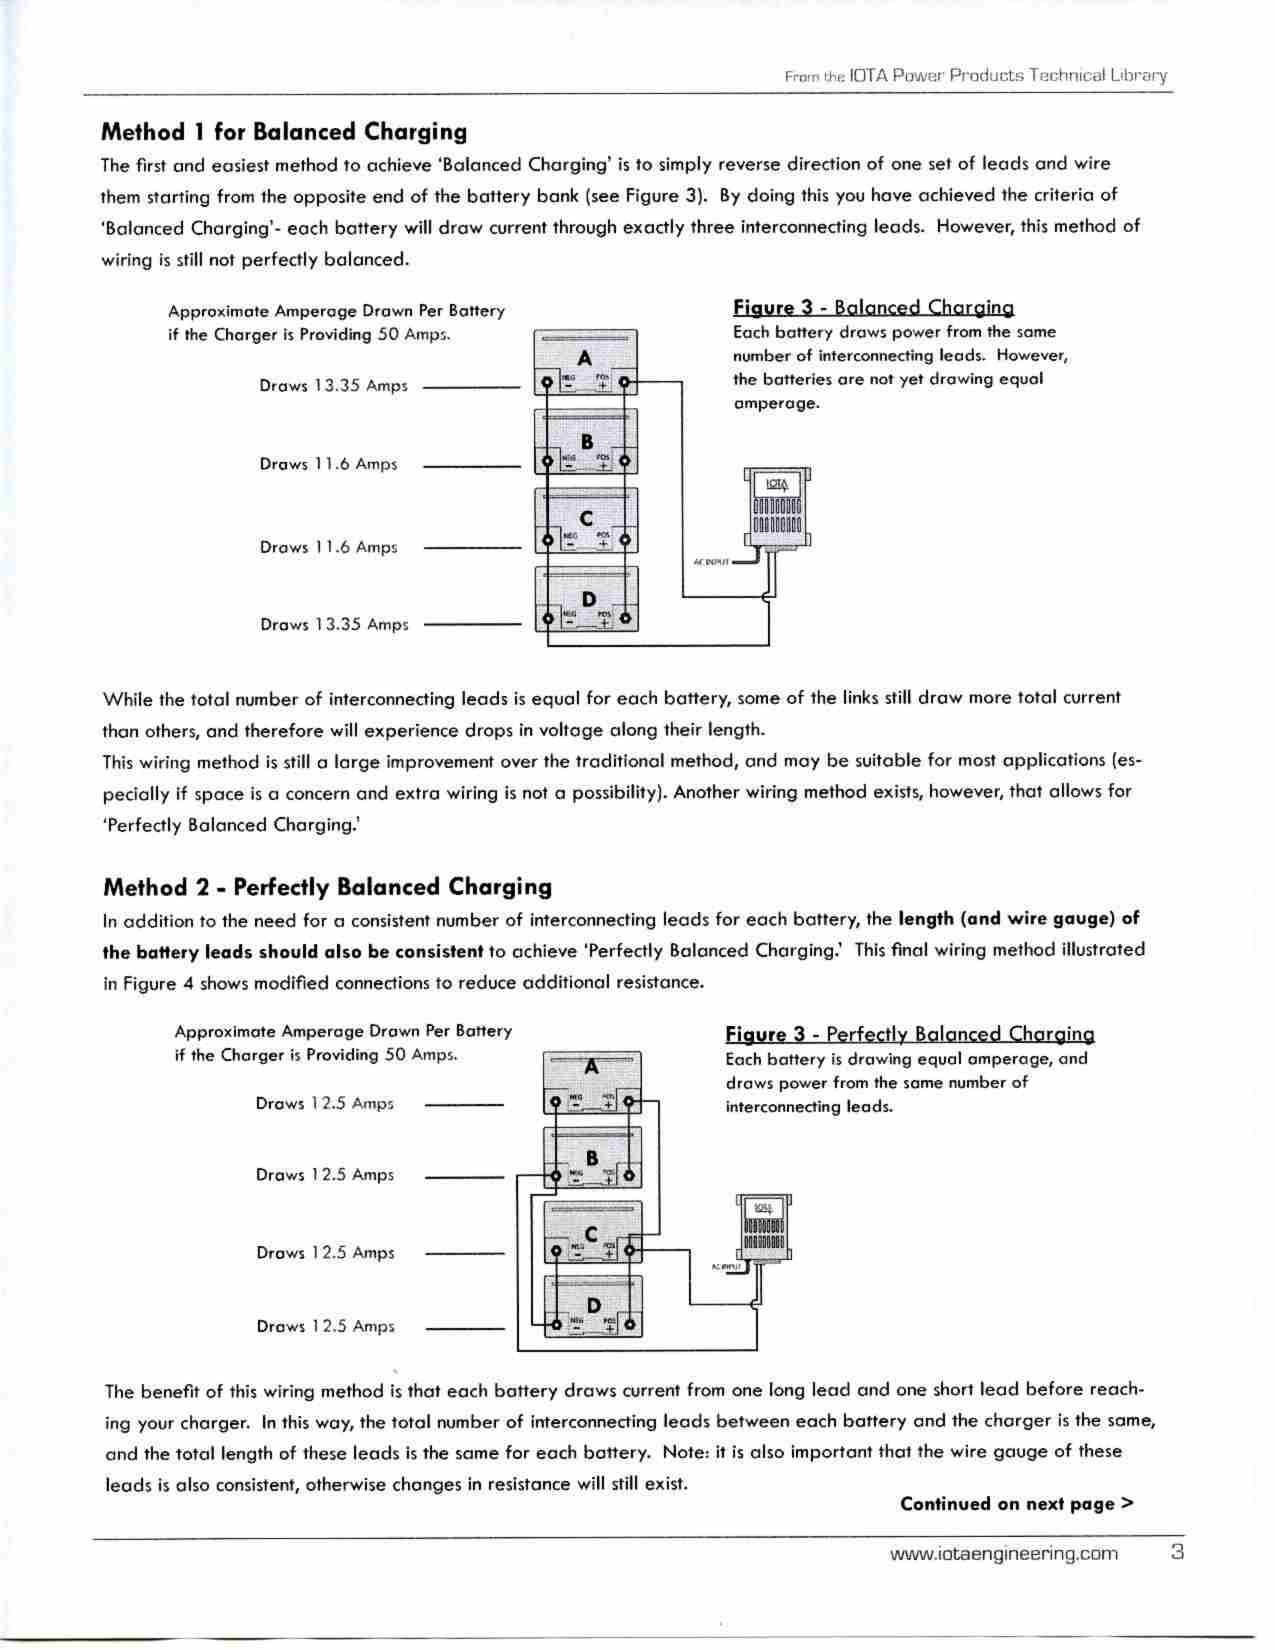 Wunderbar 10 Ampere Drahtstärke Ideen - Schaltplan Serie Circuit ...